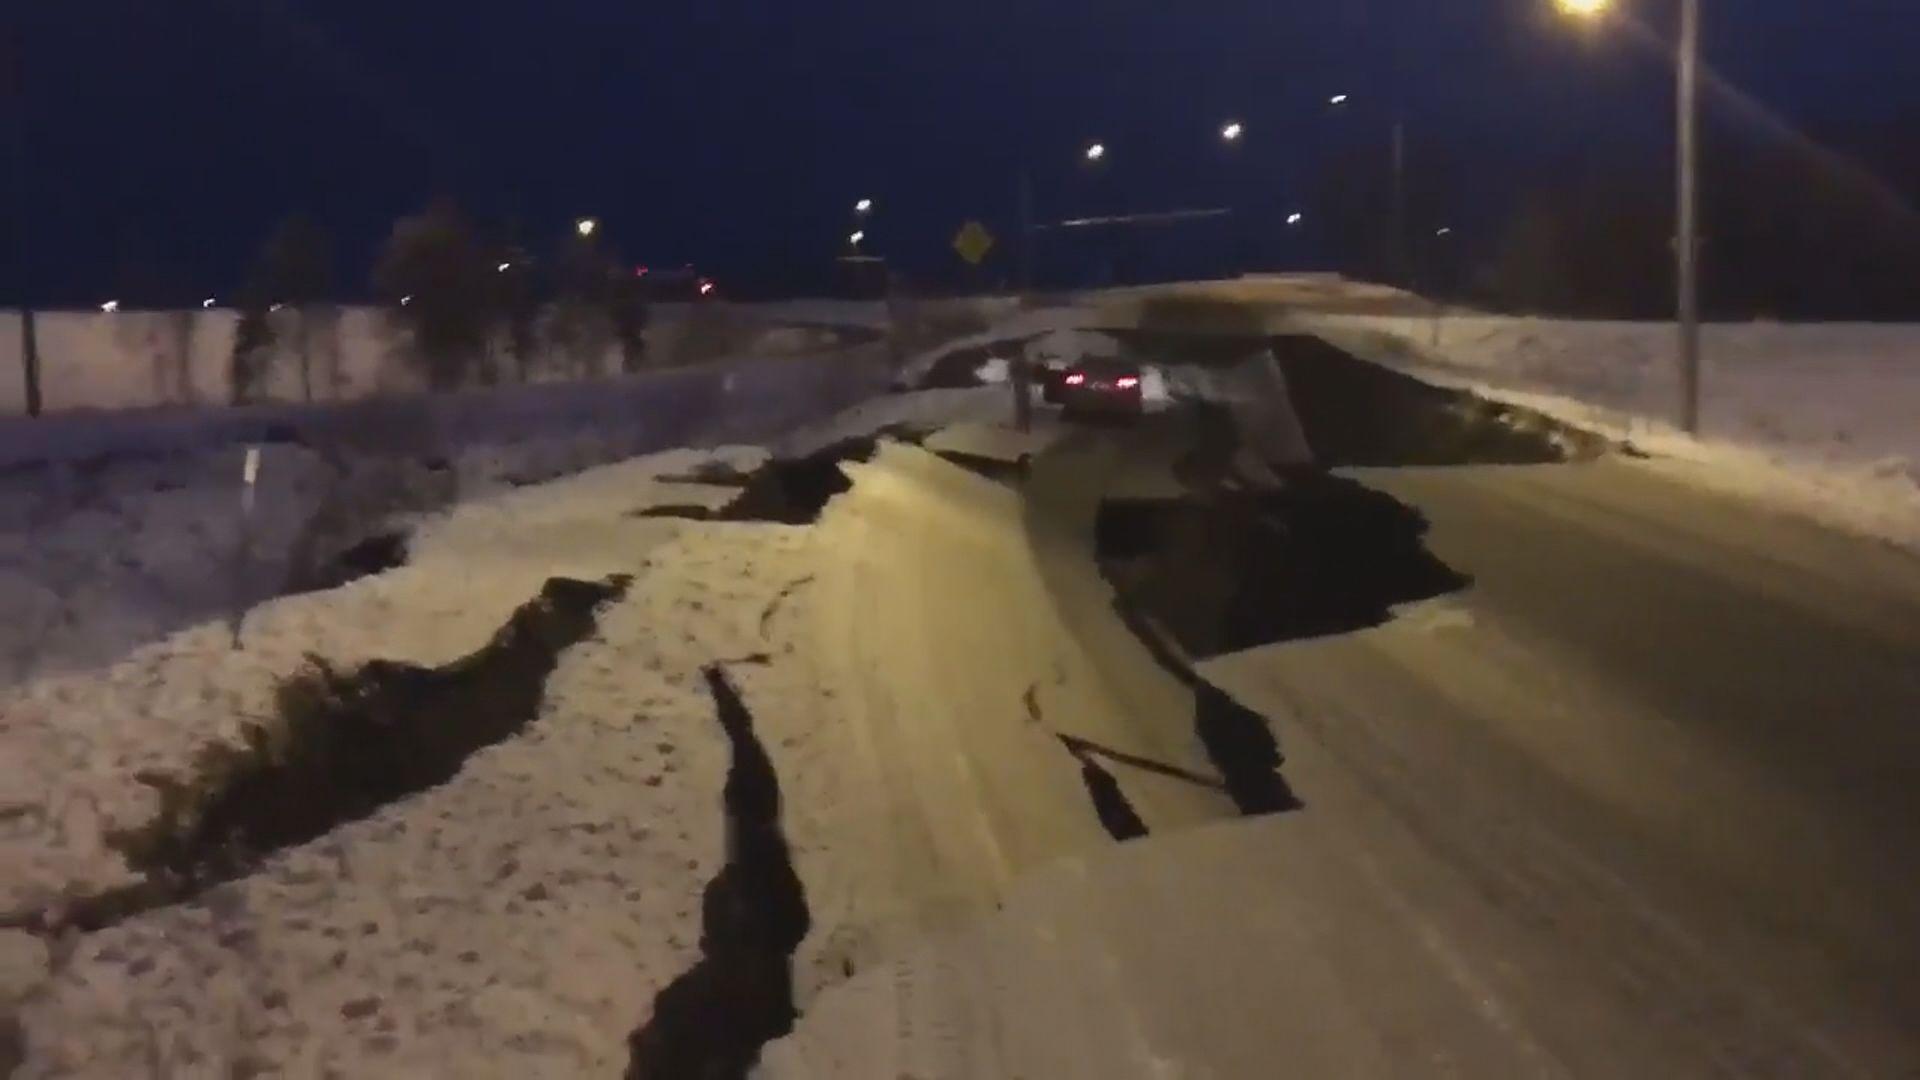 阿拉斯加七級地震 州長宣布進入災難狀態